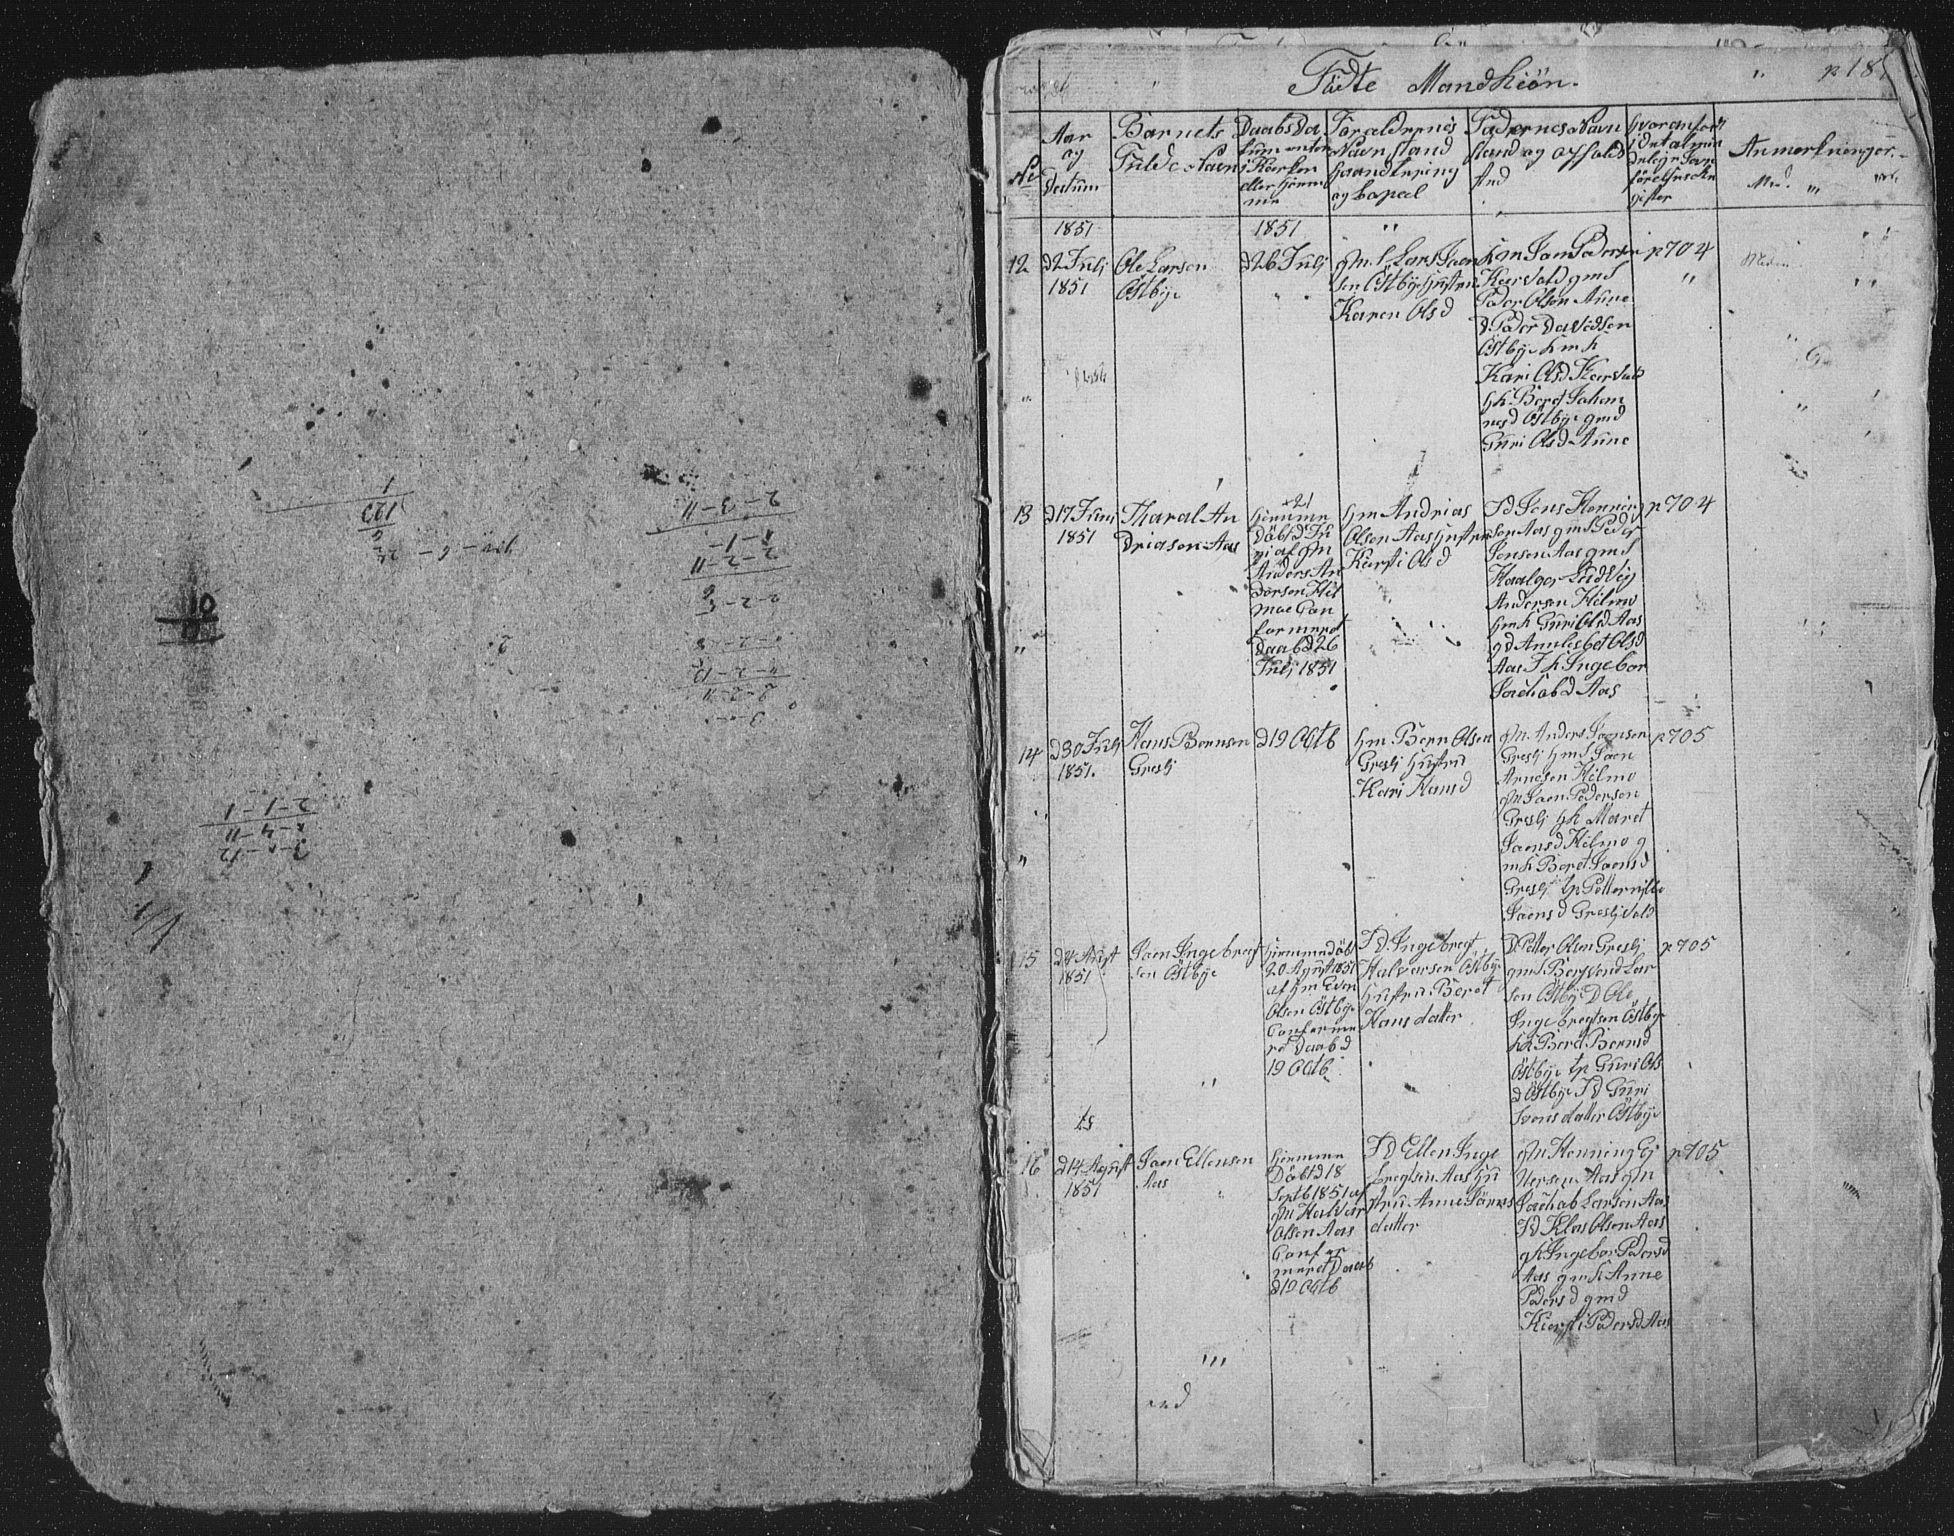 SAT, Ministerialprotokoller, klokkerbøker og fødselsregistre - Sør-Trøndelag, 698/L1165: Klokkerbok nr. 698C02, 1851-1861, s. 186-187